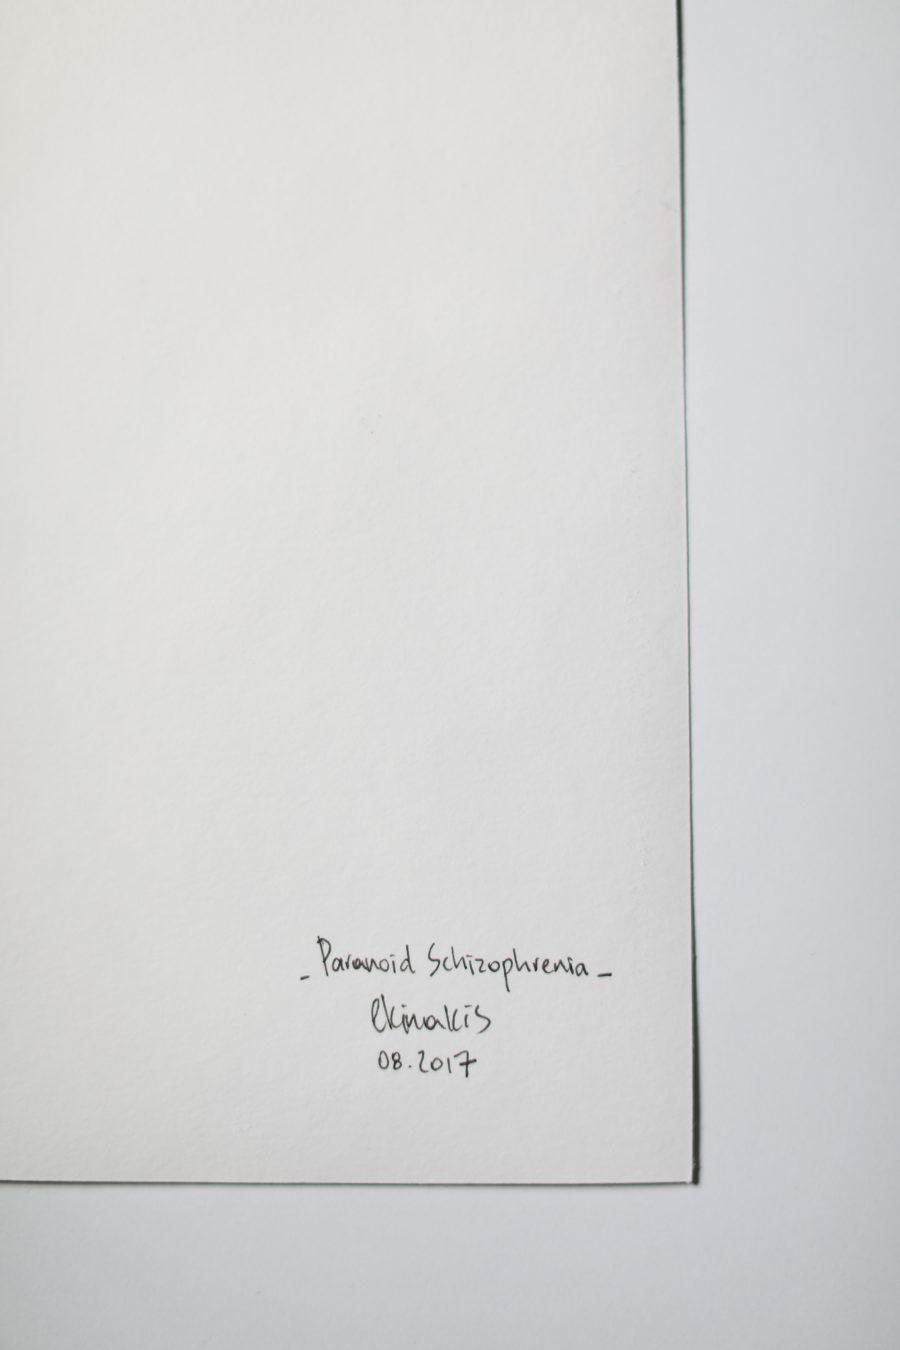 paranoid schizophrenia signature